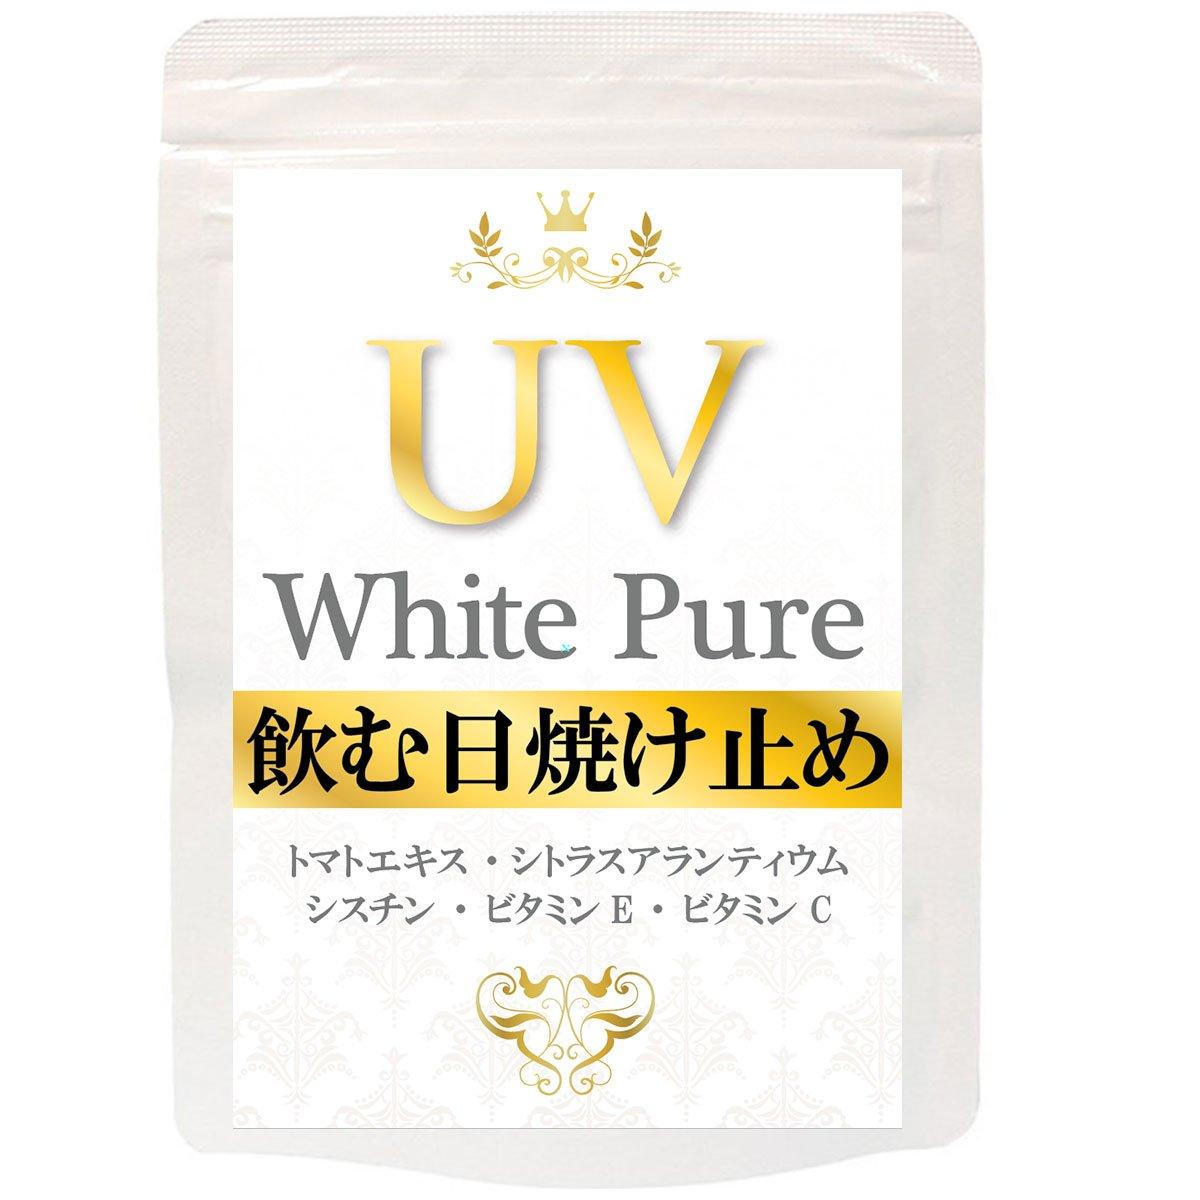 ホワイトピュア 飲む日焼け止めサプリ 紫外線サプリ 日焼け対策 ビタミンC 日本製(全額保証) 約3ヶ月分 B07CF74PRY White Pure 約3ヶ月分 White Pure 約3ヶ月分